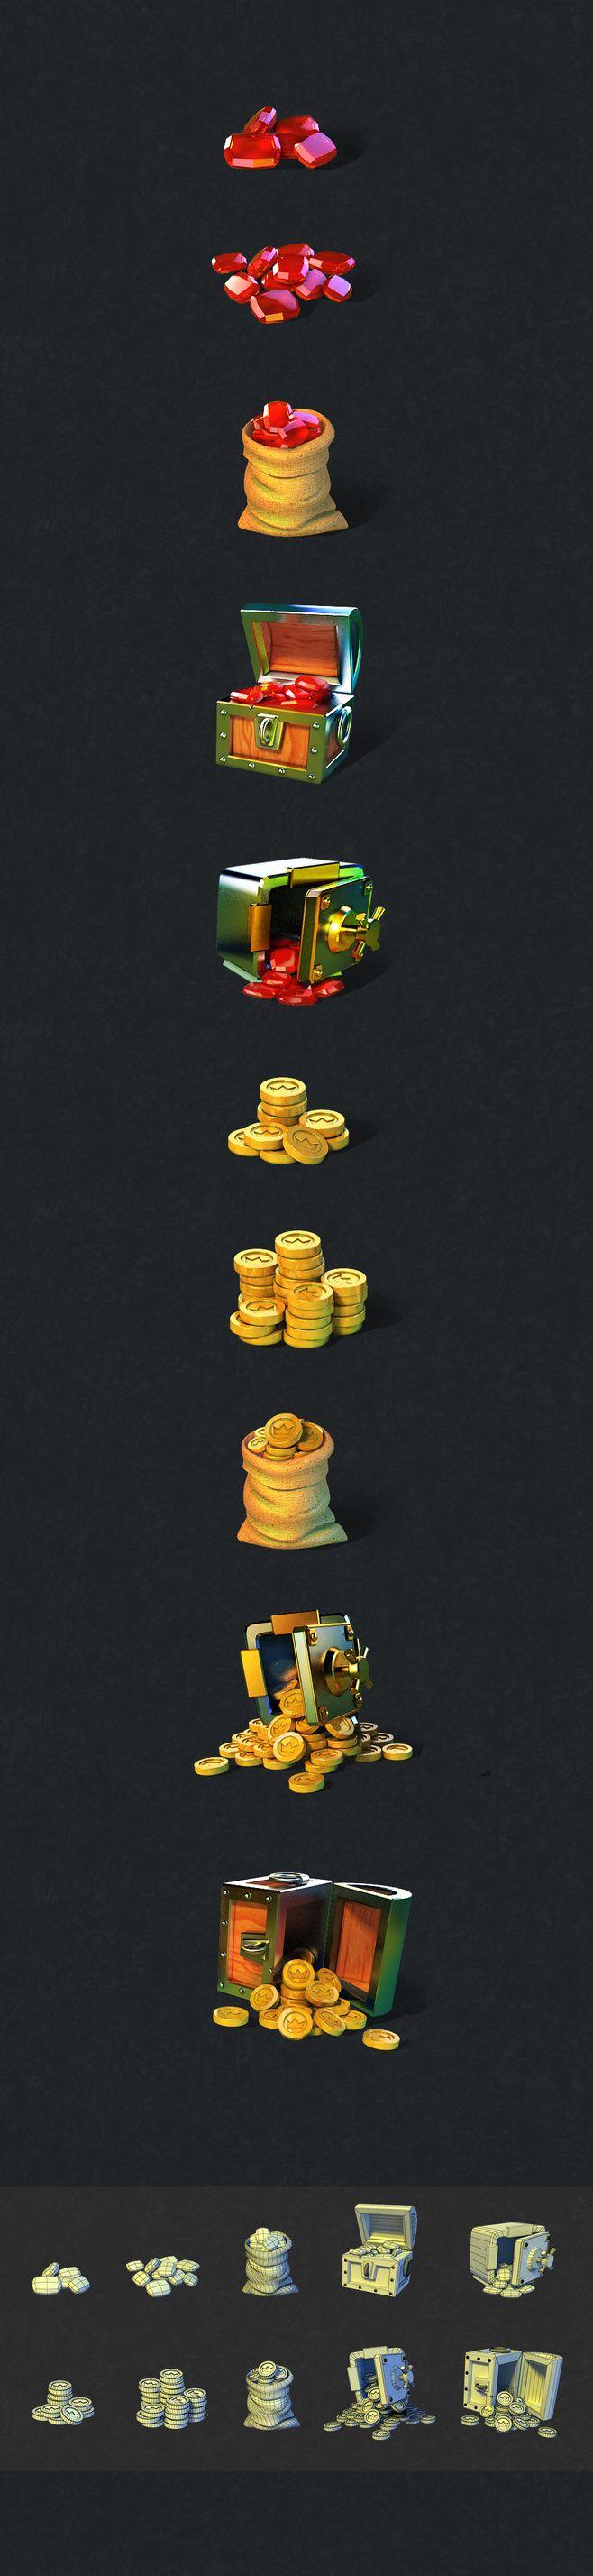 [3D图标设计UI-金币和宝石]                                                                                                                                                      More